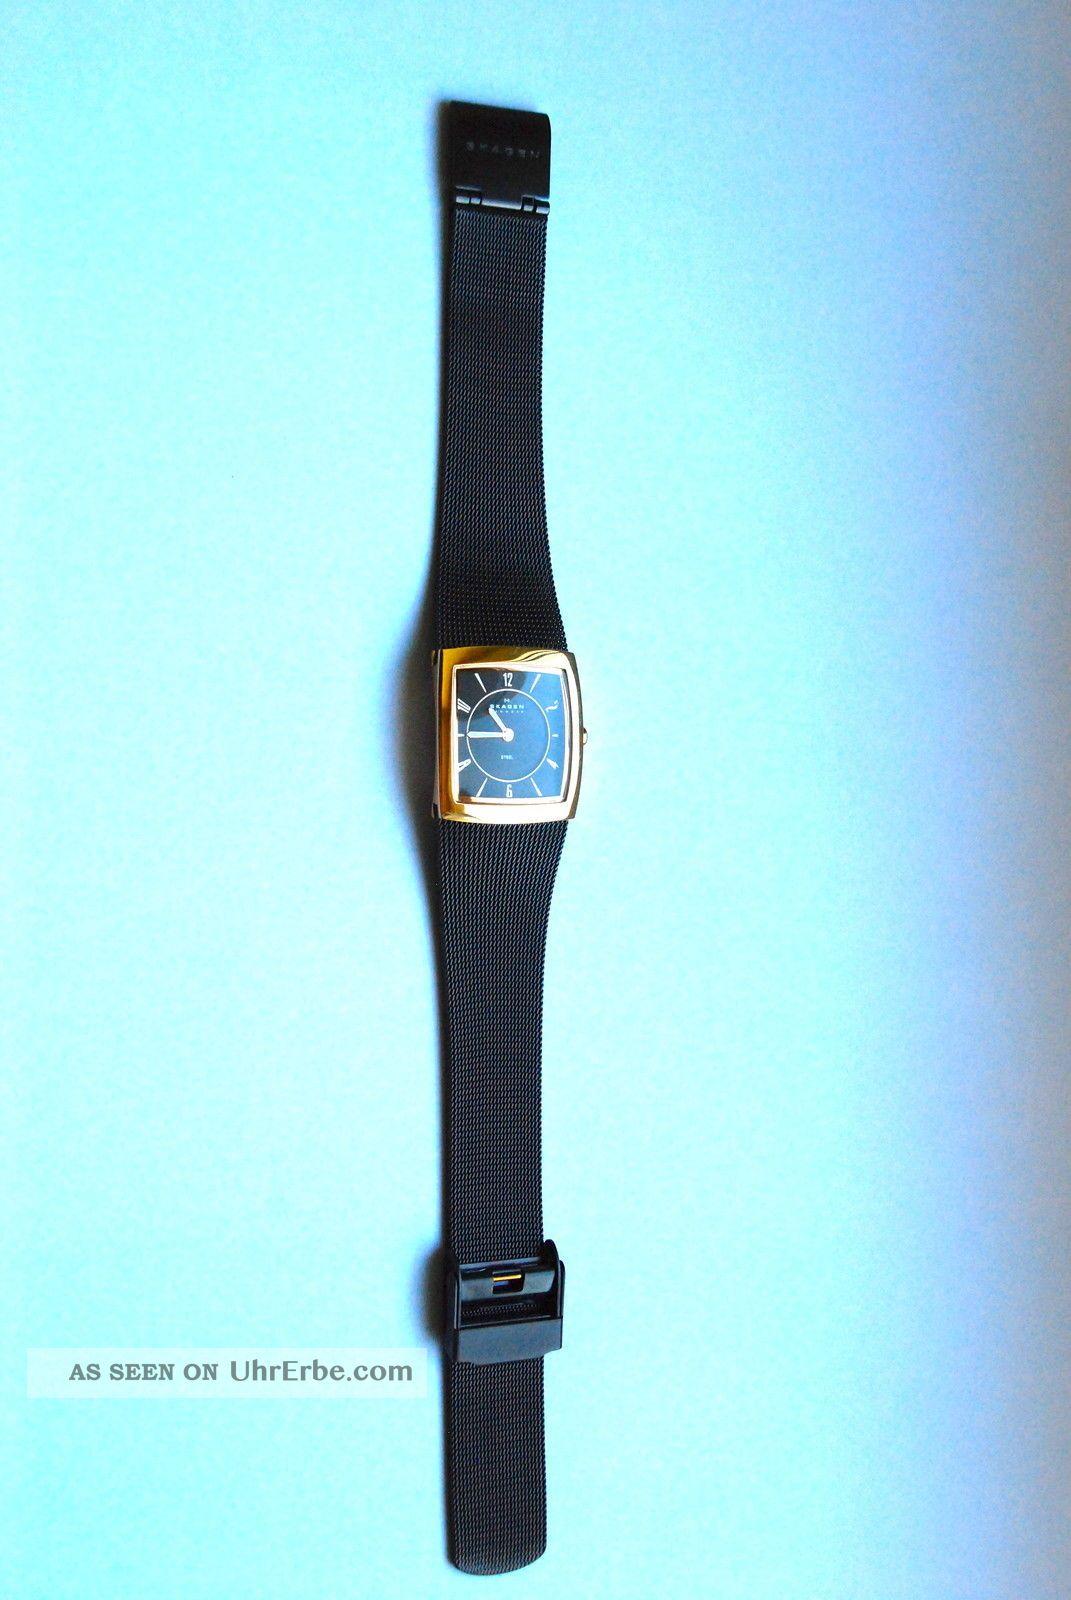 Top Aktuelle Damenuhr Von Skagen,  Metallarmband,  Gehäuse Eckig,  Mit Armbanduhren Bild